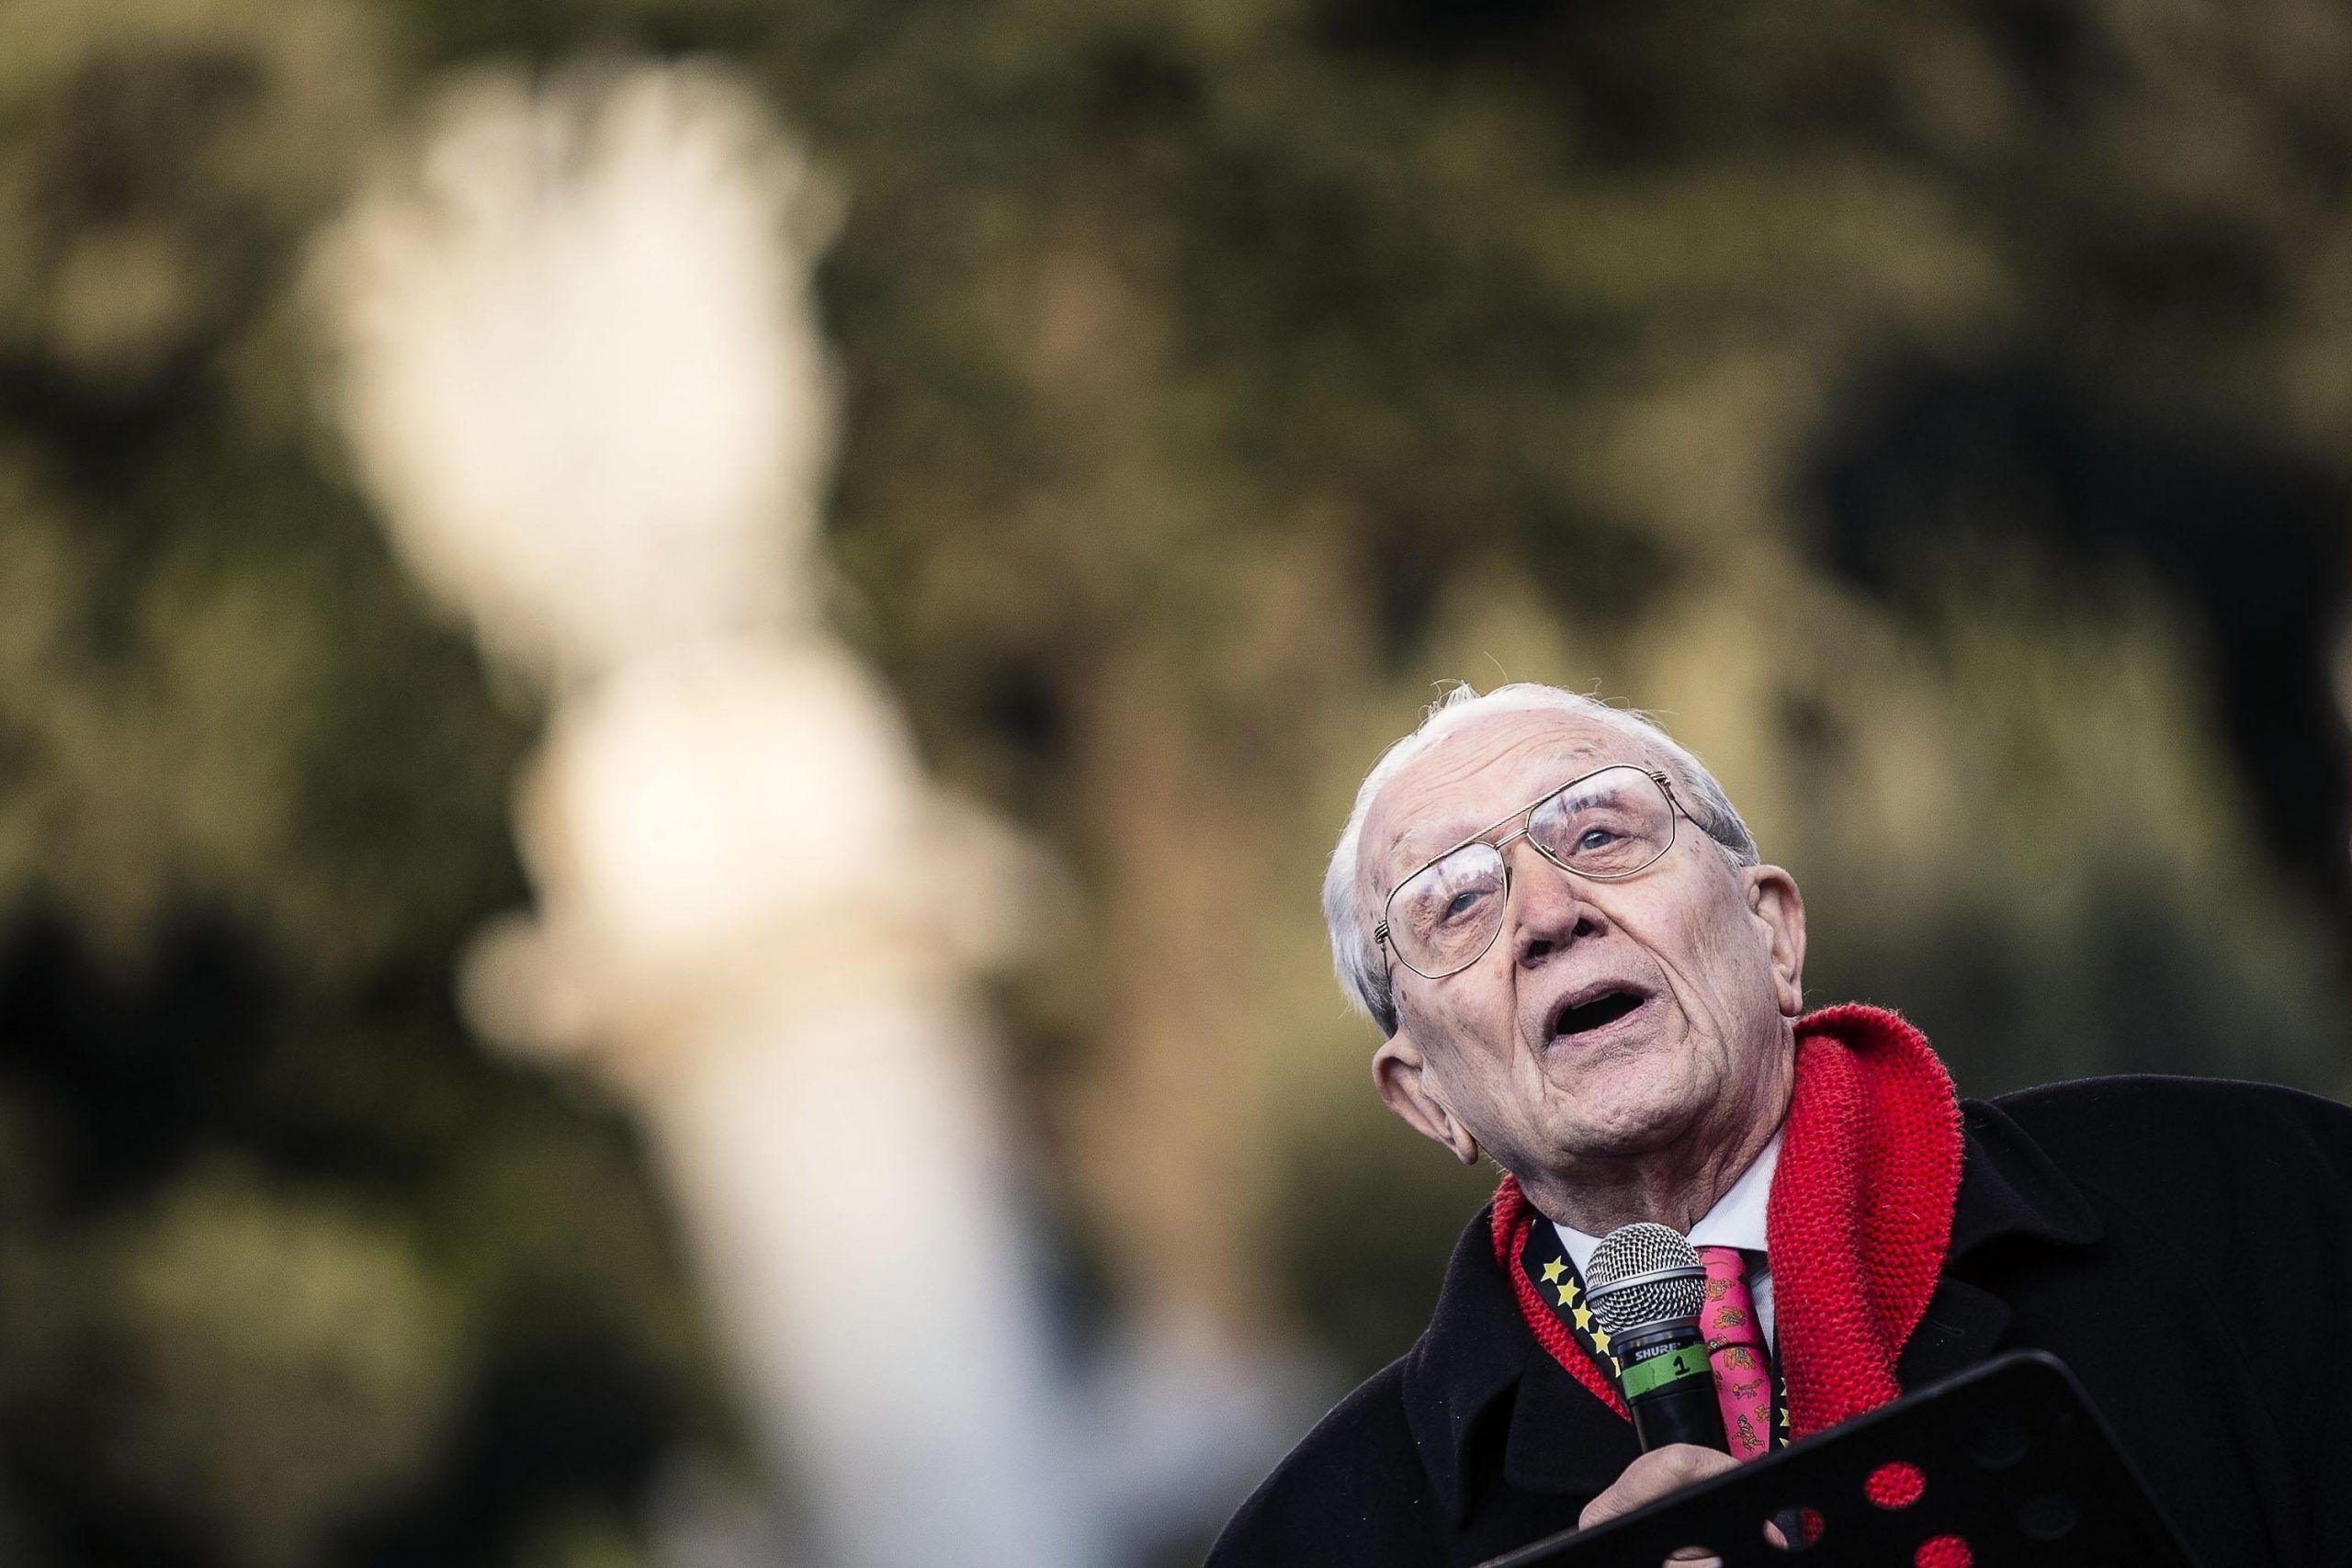 Morto Imposimato, giudice del caso Moro e dell'attentato a papa Wojtyla